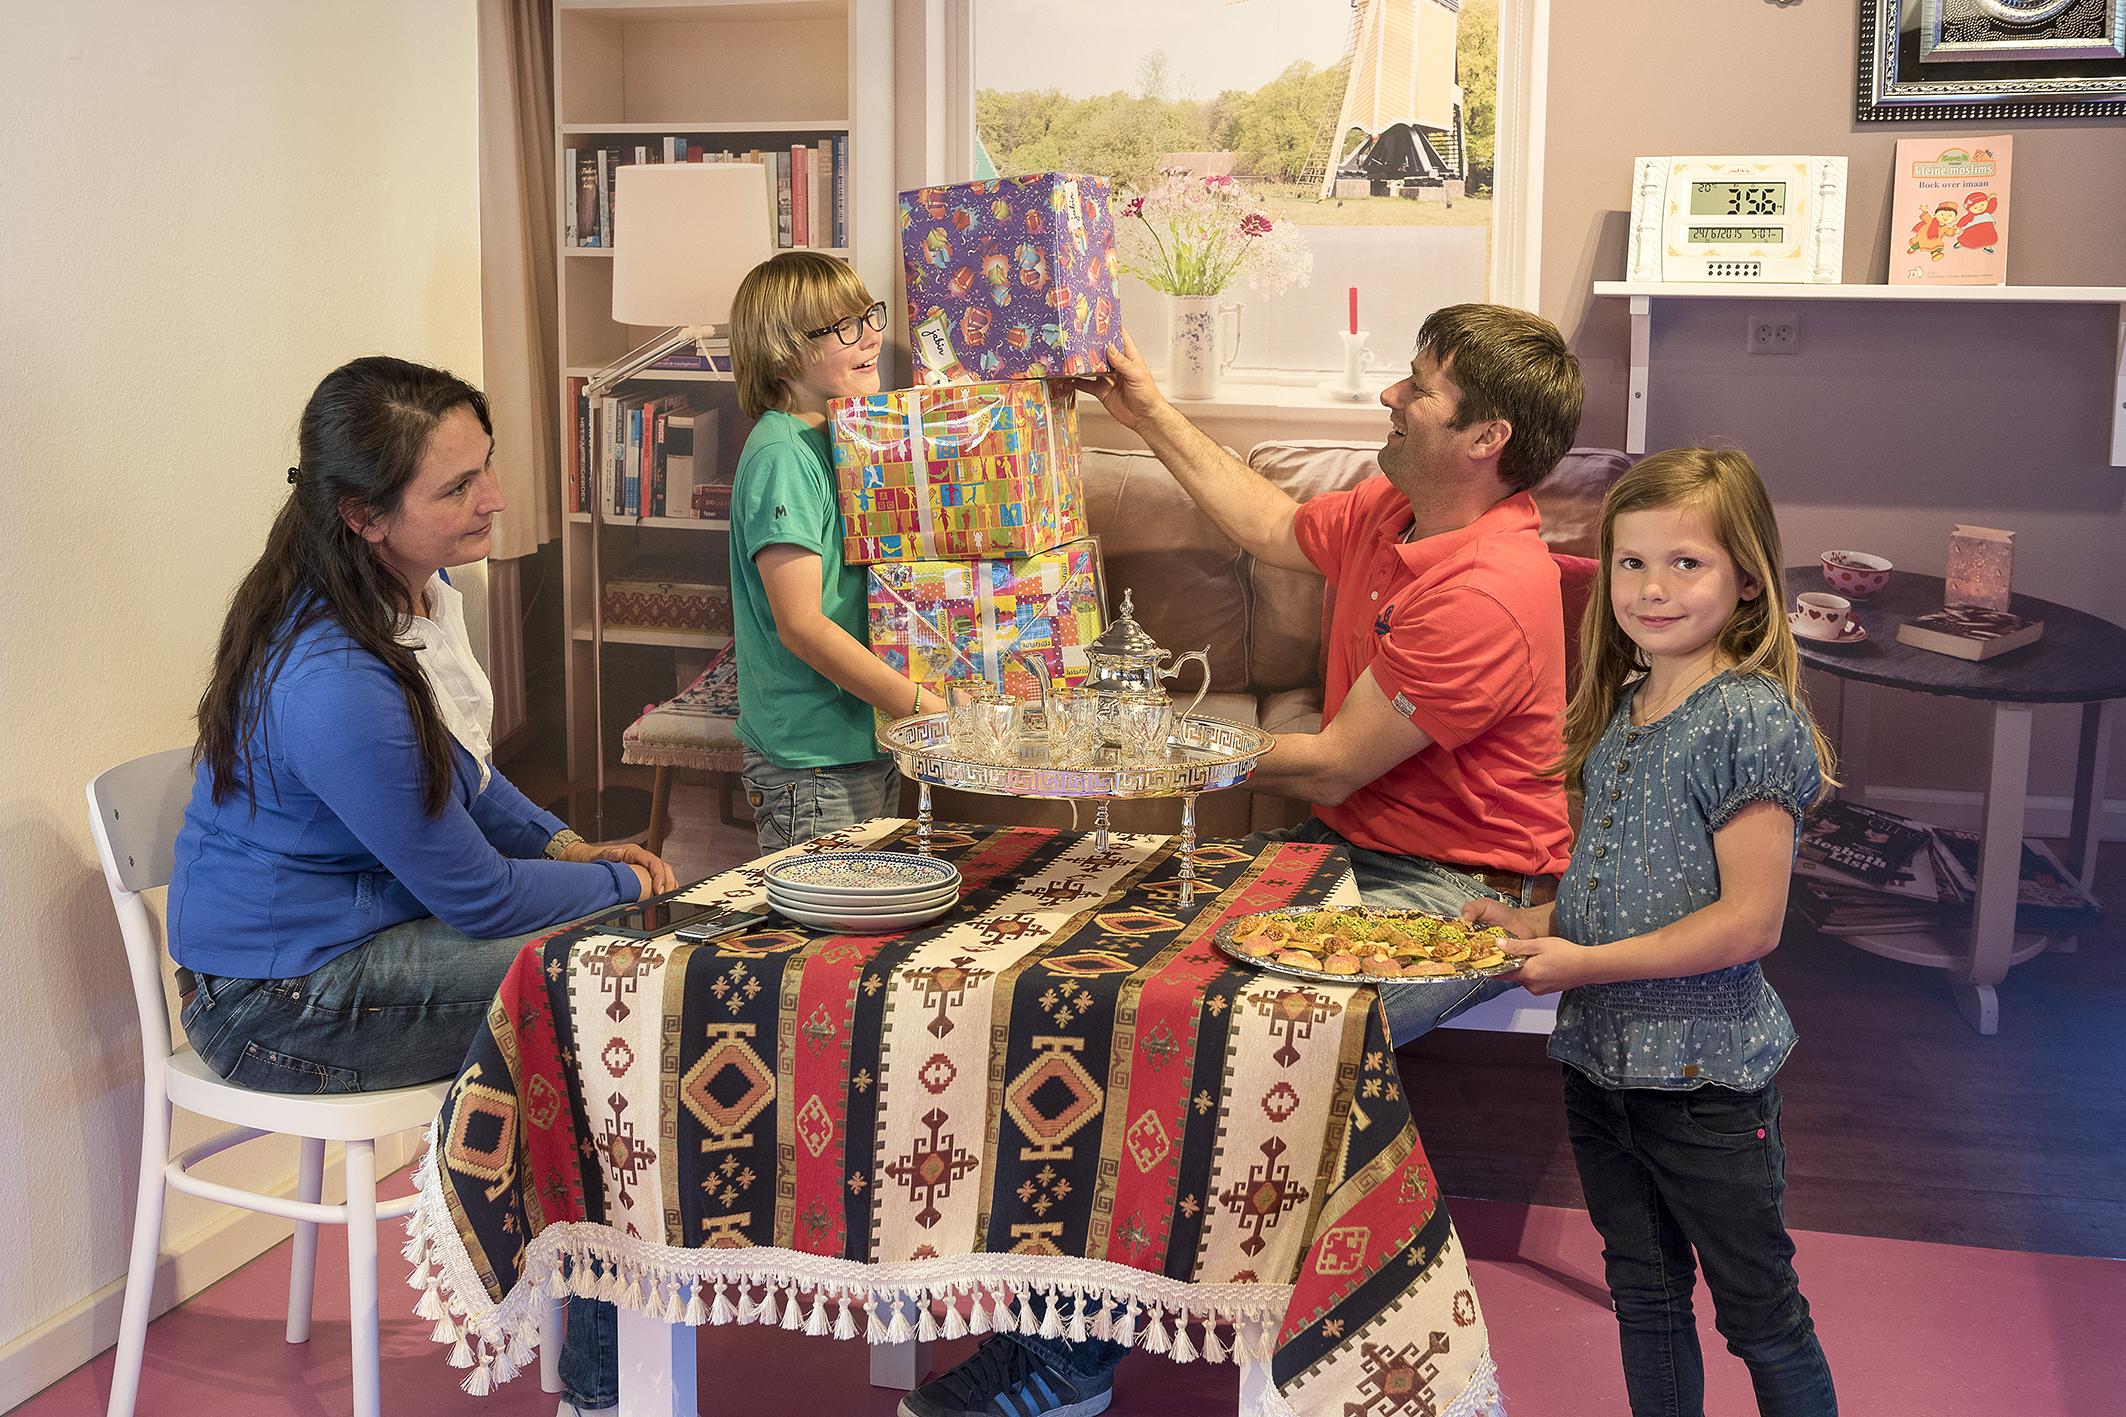 Versier je huiskamer voor het Suikerfeest. Foto: Wim de Knegt.